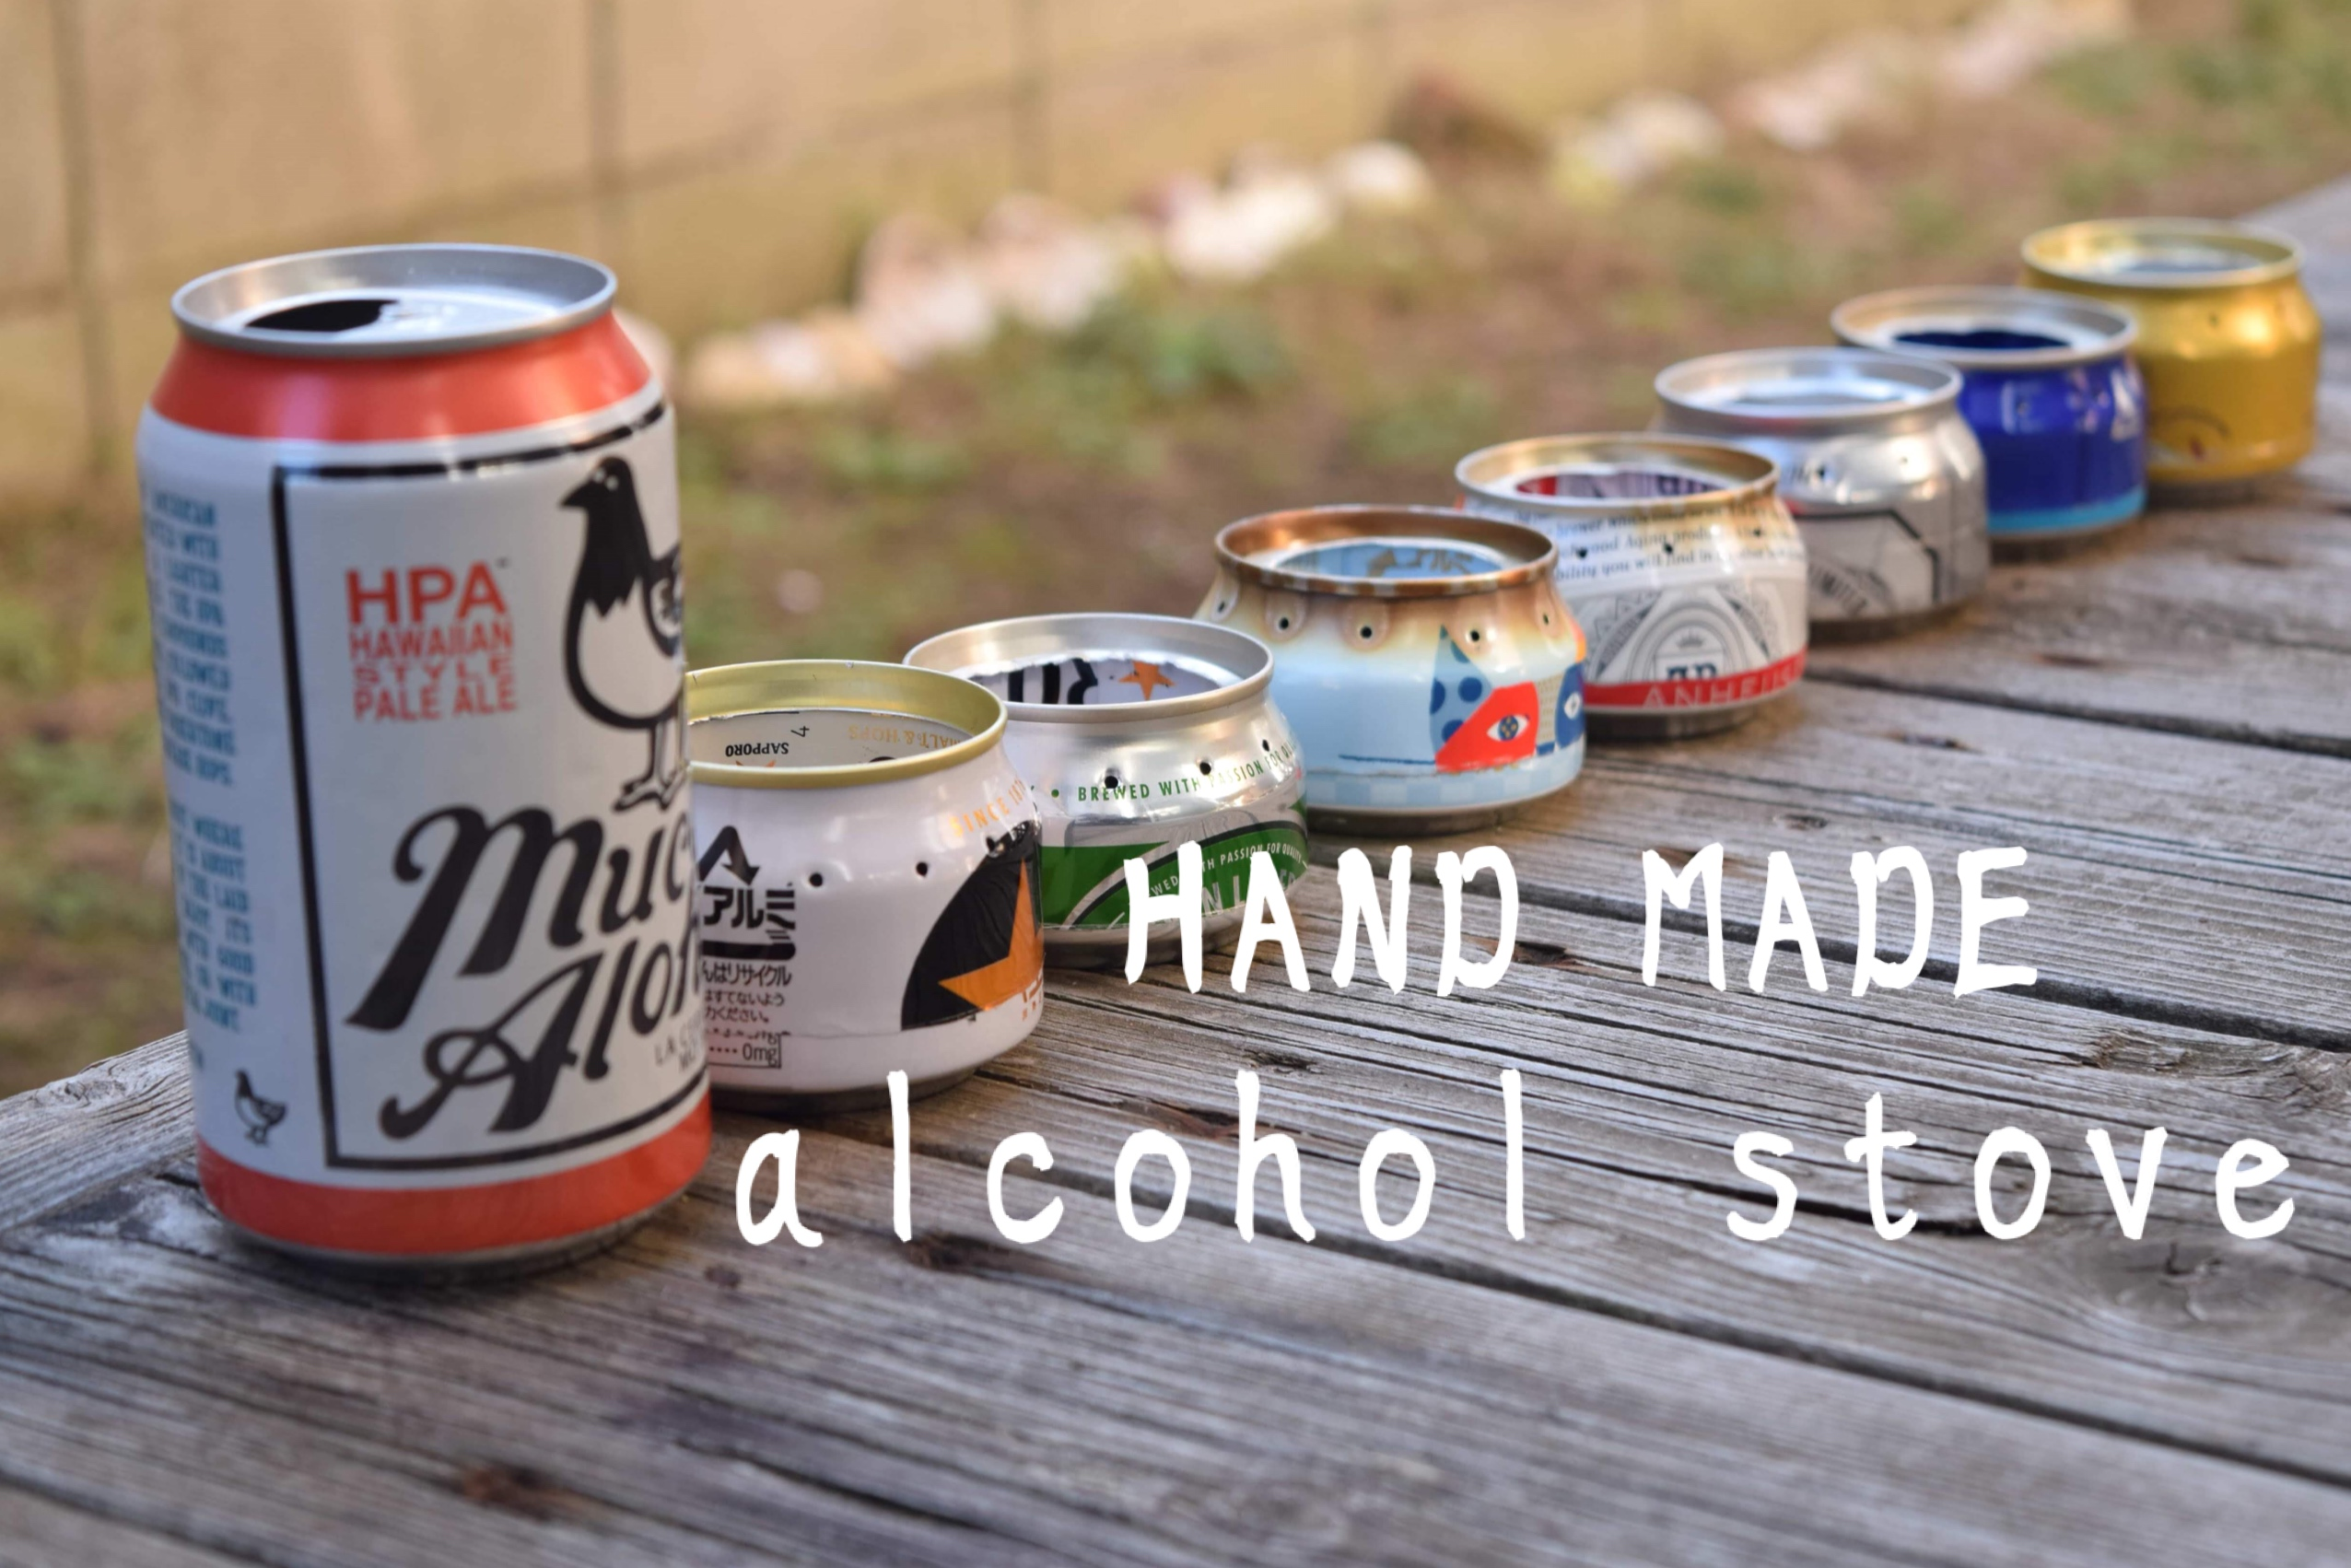 アルミ缶1つでつくる自作アルコールストーブ!ナイスパッケージなの作ろう!